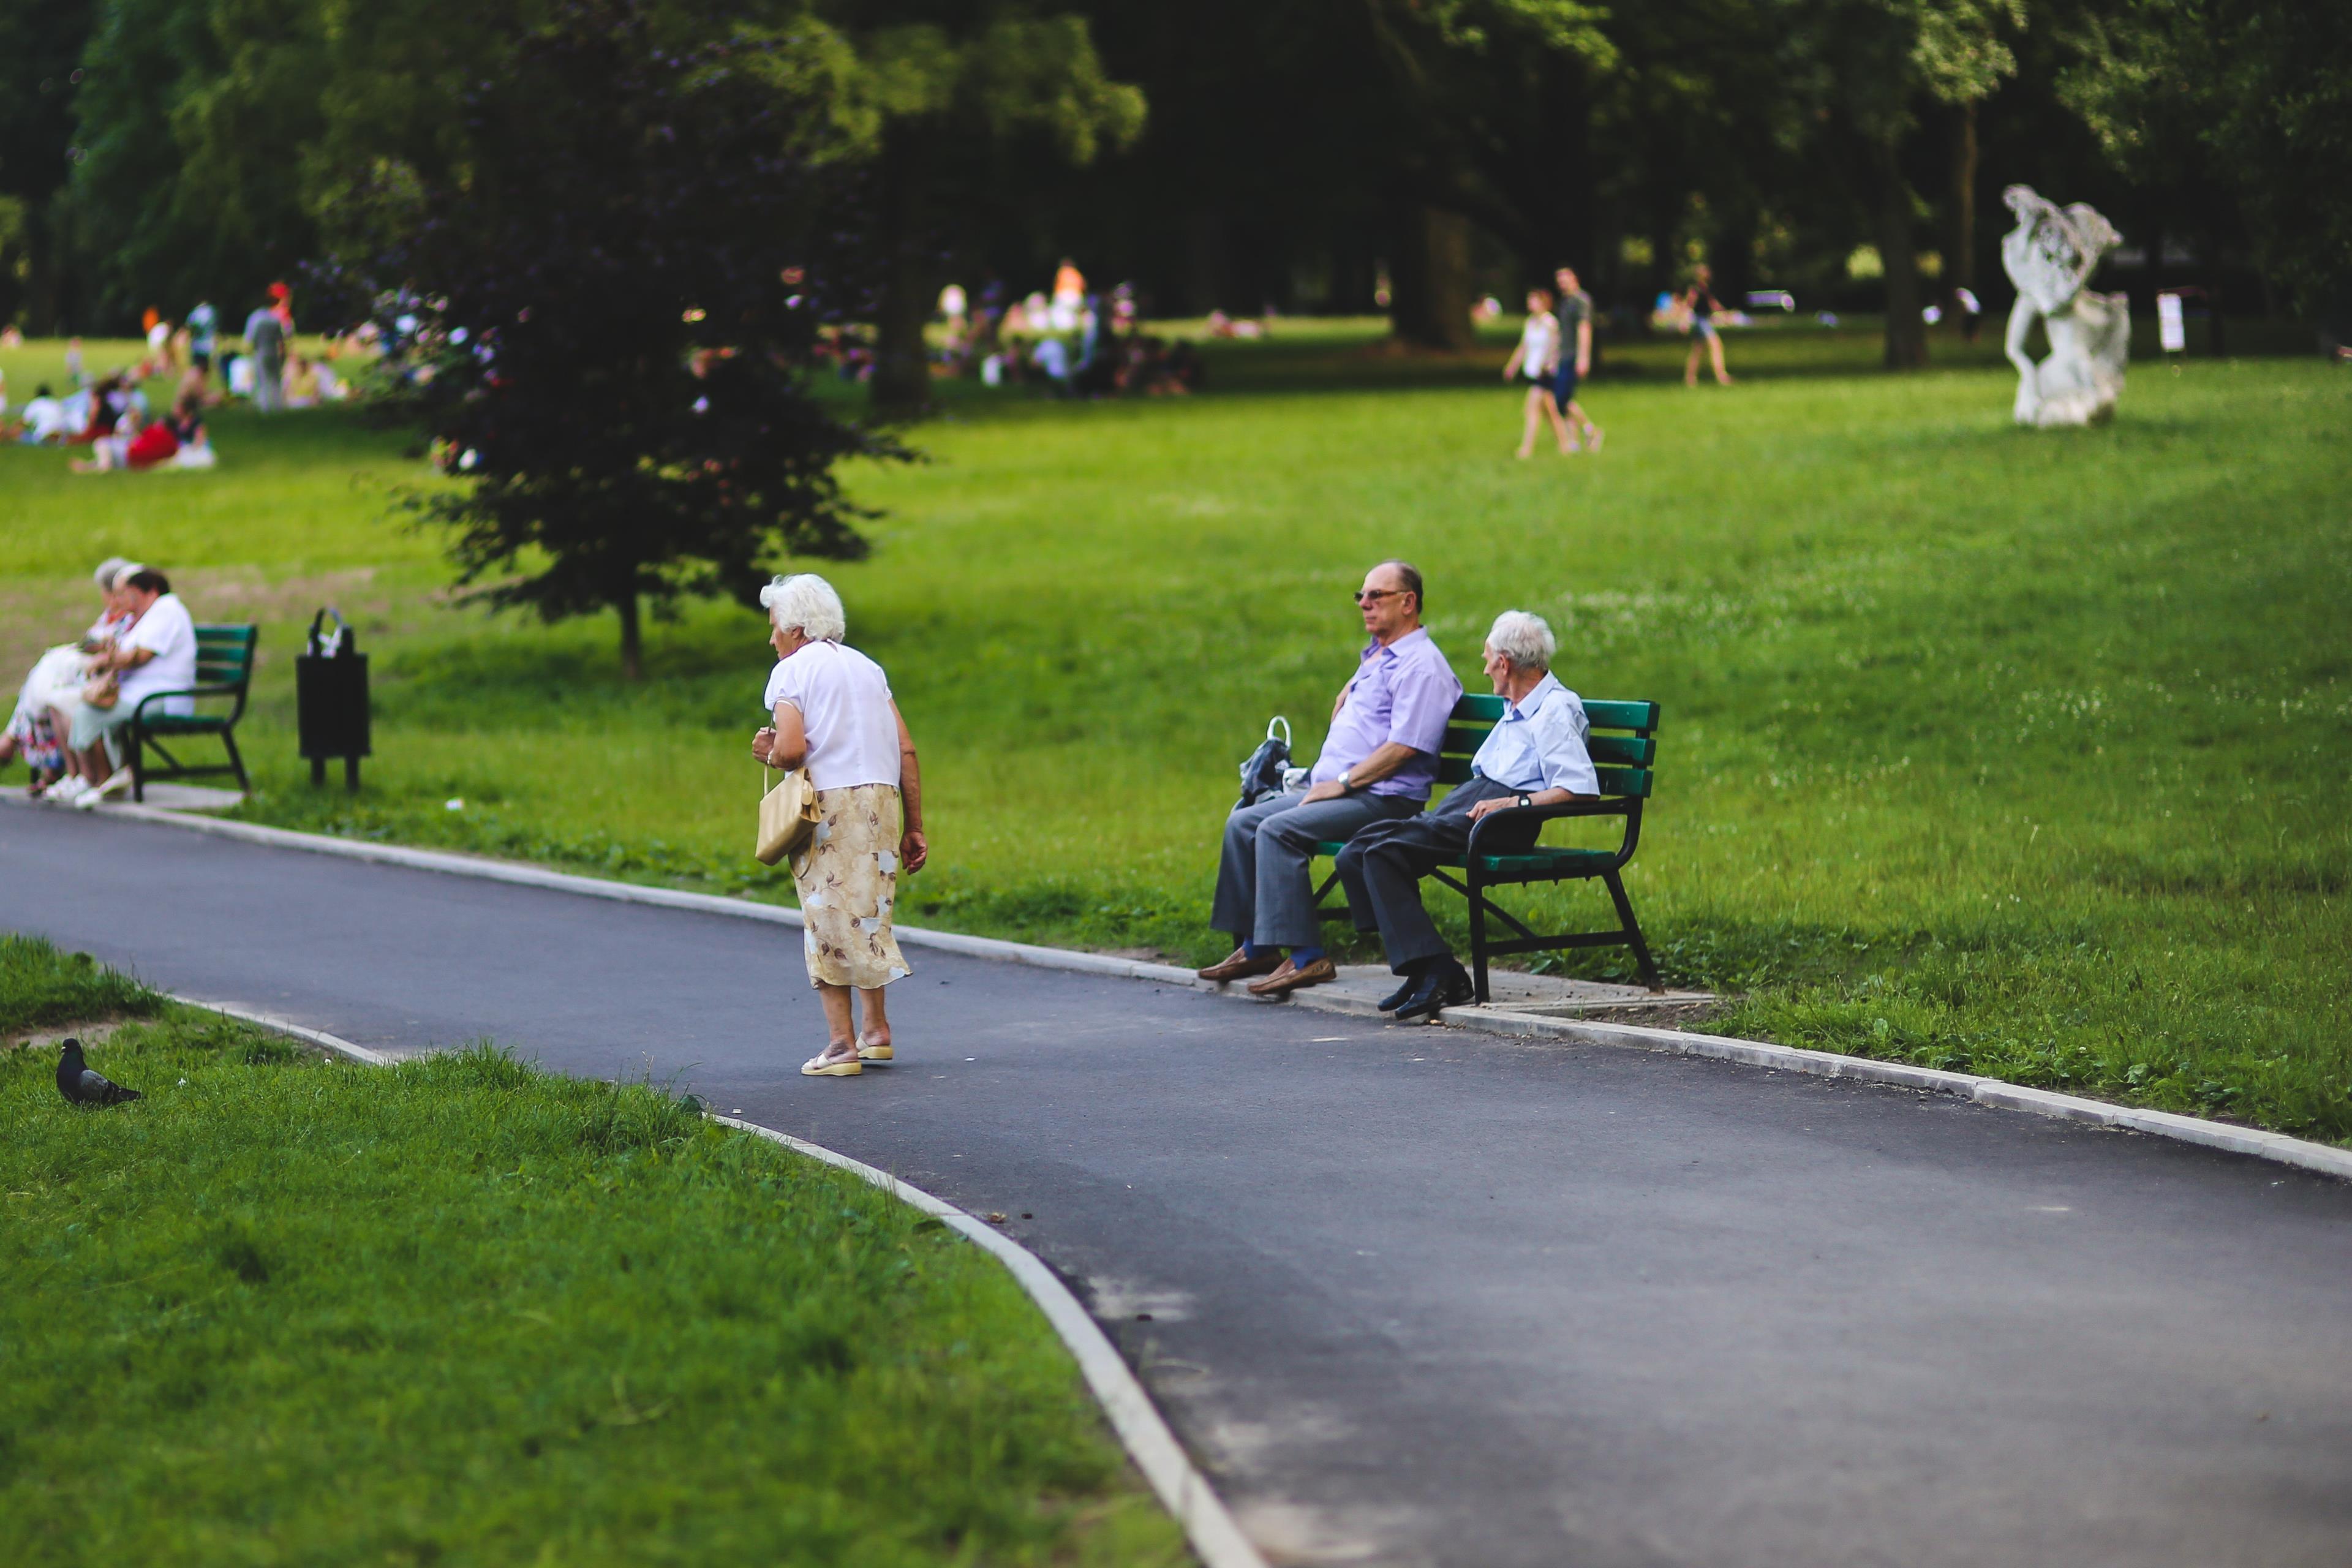 Immagine di copertina frasi per pensionamento